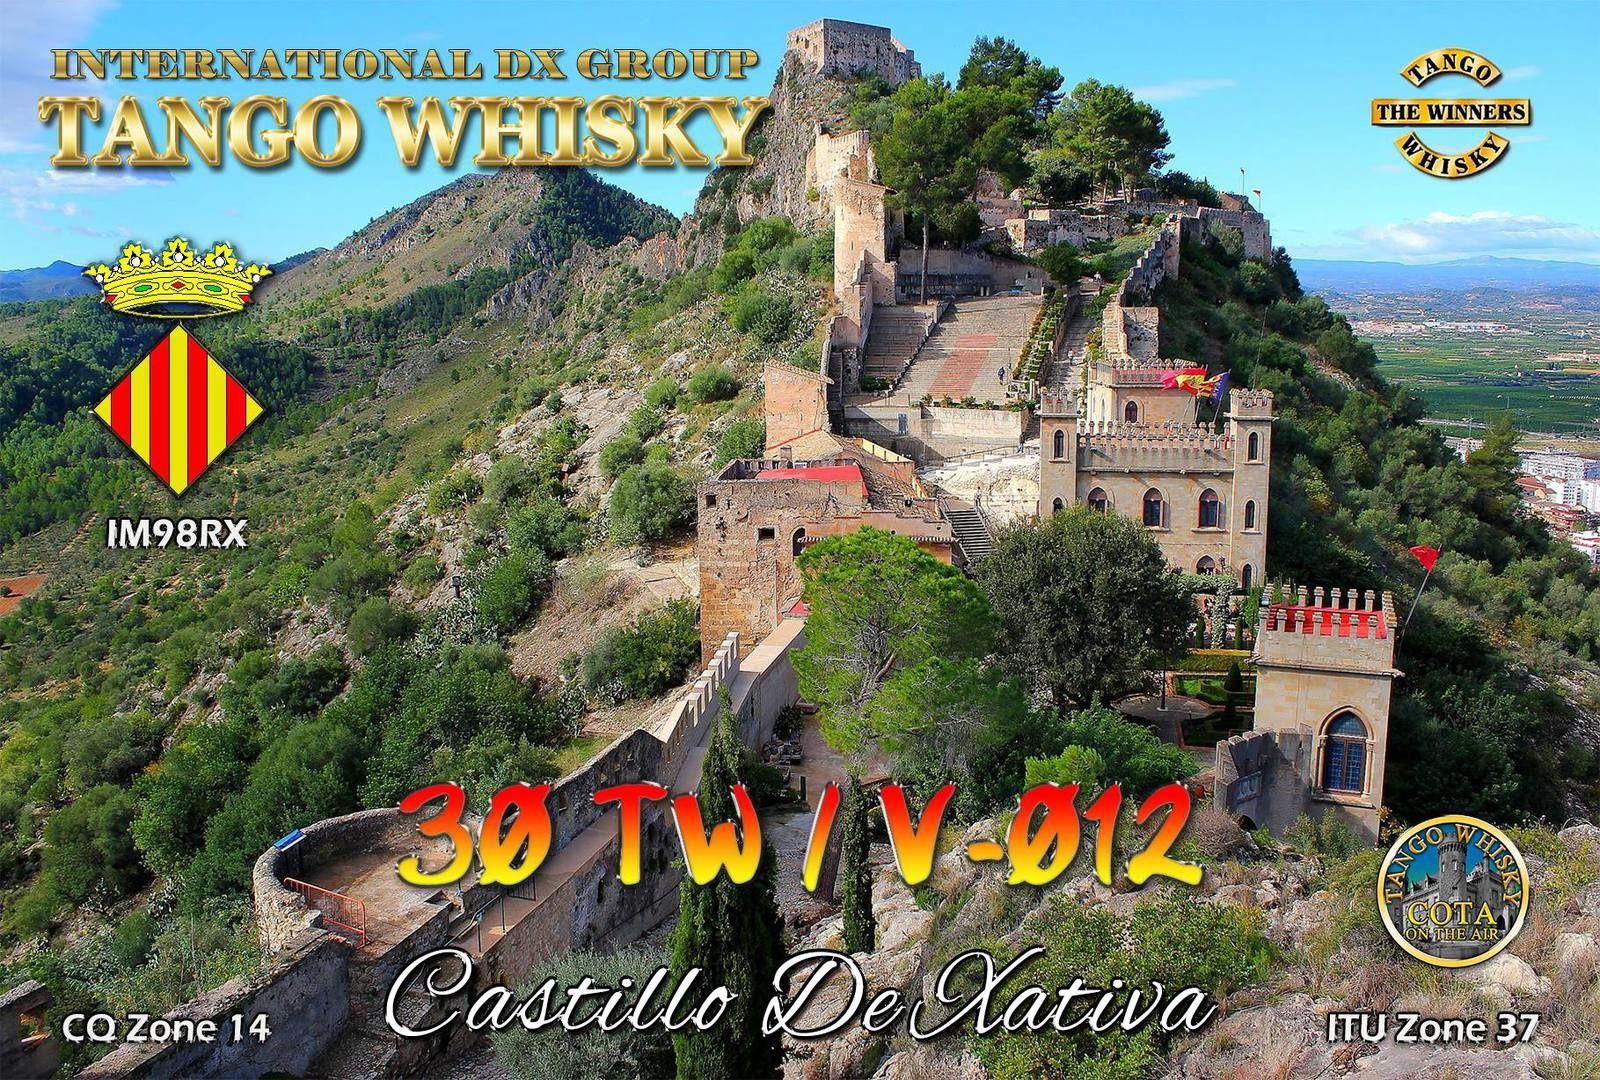 QSL pour confirmation du château.